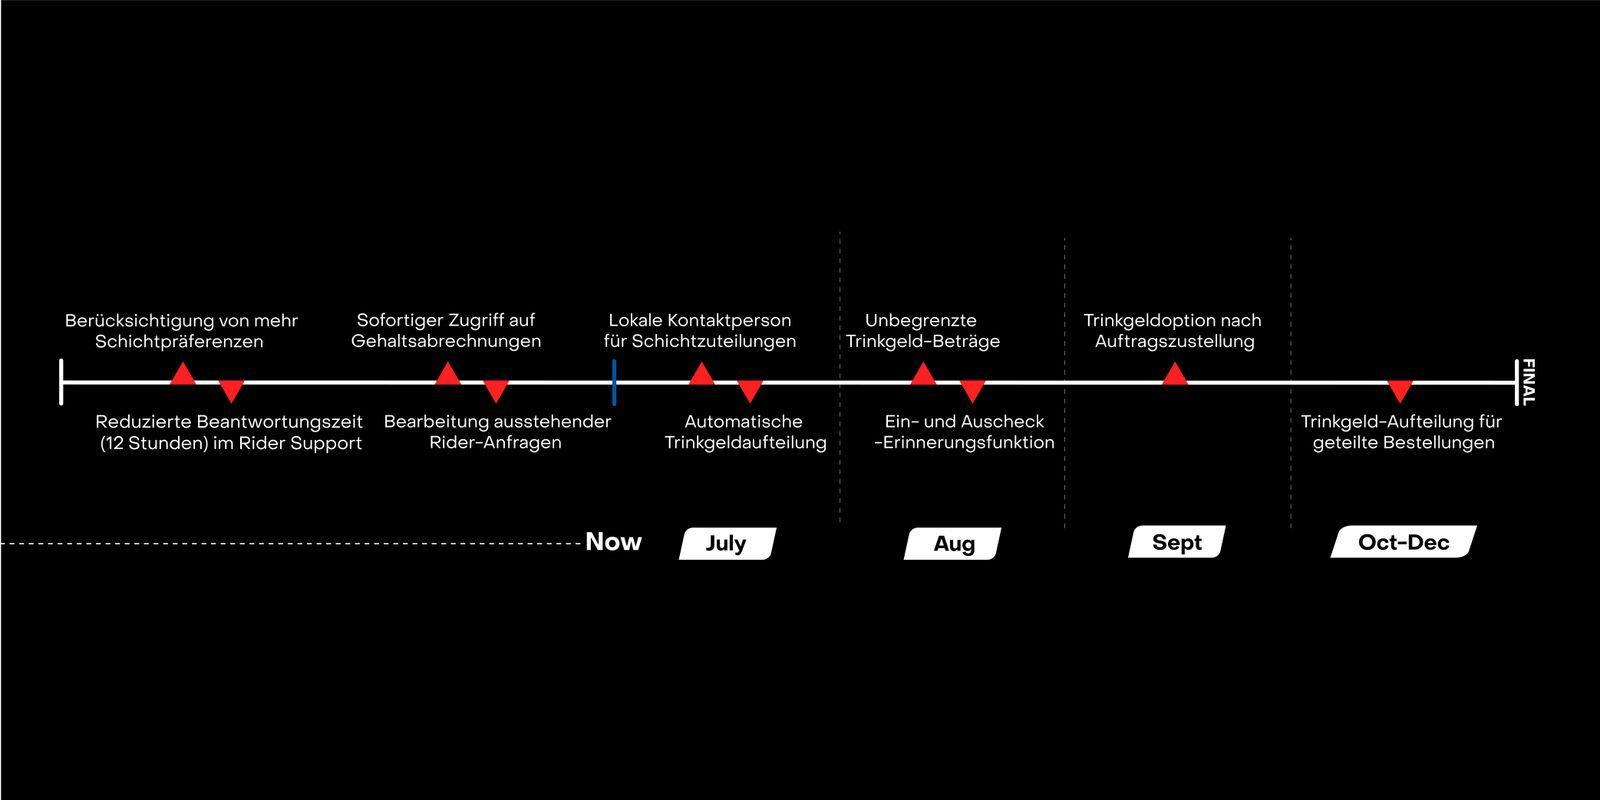 Zeitleiste der Initiativen: Berücksichtigung von mehr Schichtpräferenzen, reduzierte Beantwortungszeit (12 Stunden) im Rider Support, sofortiger Zugriff auf Gehaltsabrechnungen, Bearbeitung ausstehender Rider-Anfragen, lokale Kontaktperson für Zeitplanung und automatische Aufteilung der Bestellungen in der Picker App bis Ende Juli; unbegrenzte Trinkgeld-Beträge und Ein- und Auscheck-Erinnerungsfunktion im August; Hinzufügen von Trinkgeld auch nach Bestellungsaufgabe im September und Trinkgeld-Aufteilung für geteilte Bestellungen bis Ende des Jahres.